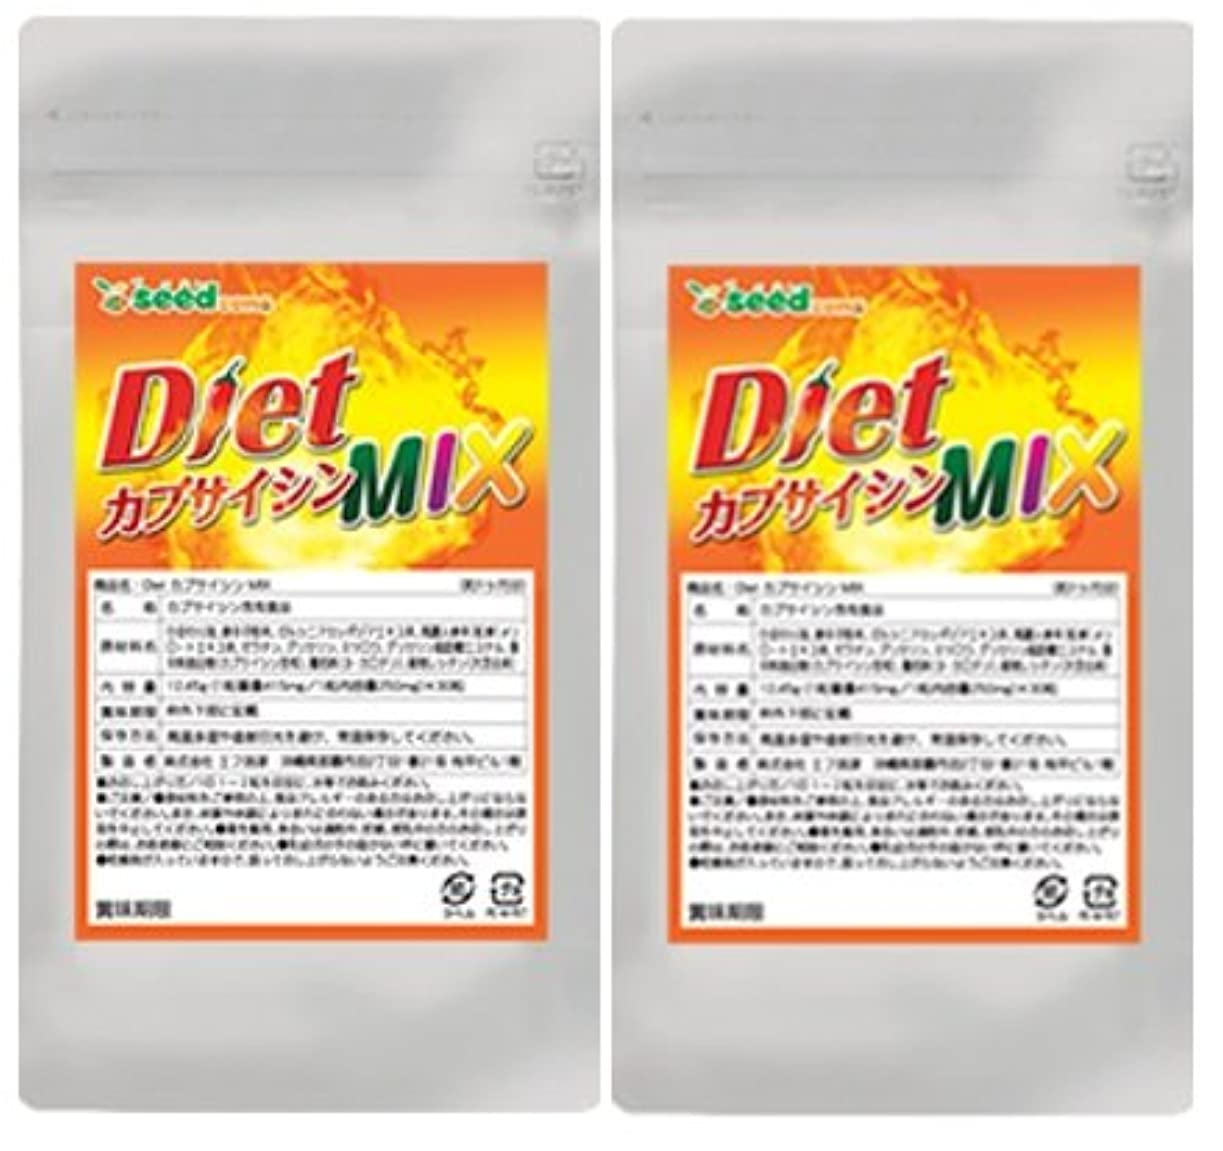 委員会駐地風景【 seedcoms シードコムス 公式 】Diet カプサイシン MIX (約6ケ月分) メリロート、高麗人参もプラス